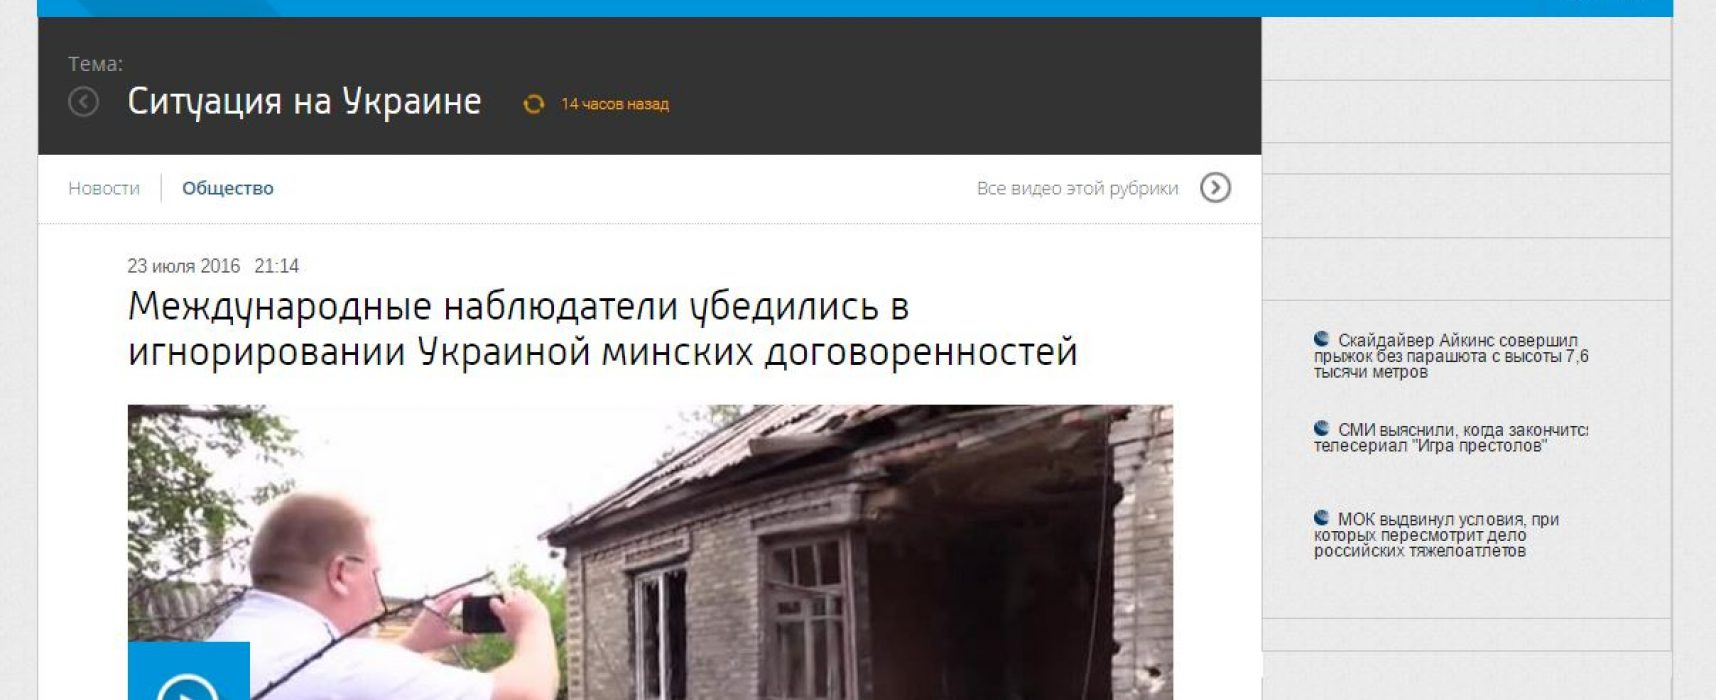 Фейк: Международните наблюдатели се убедили, че Украйна игнорира Минските споразумения